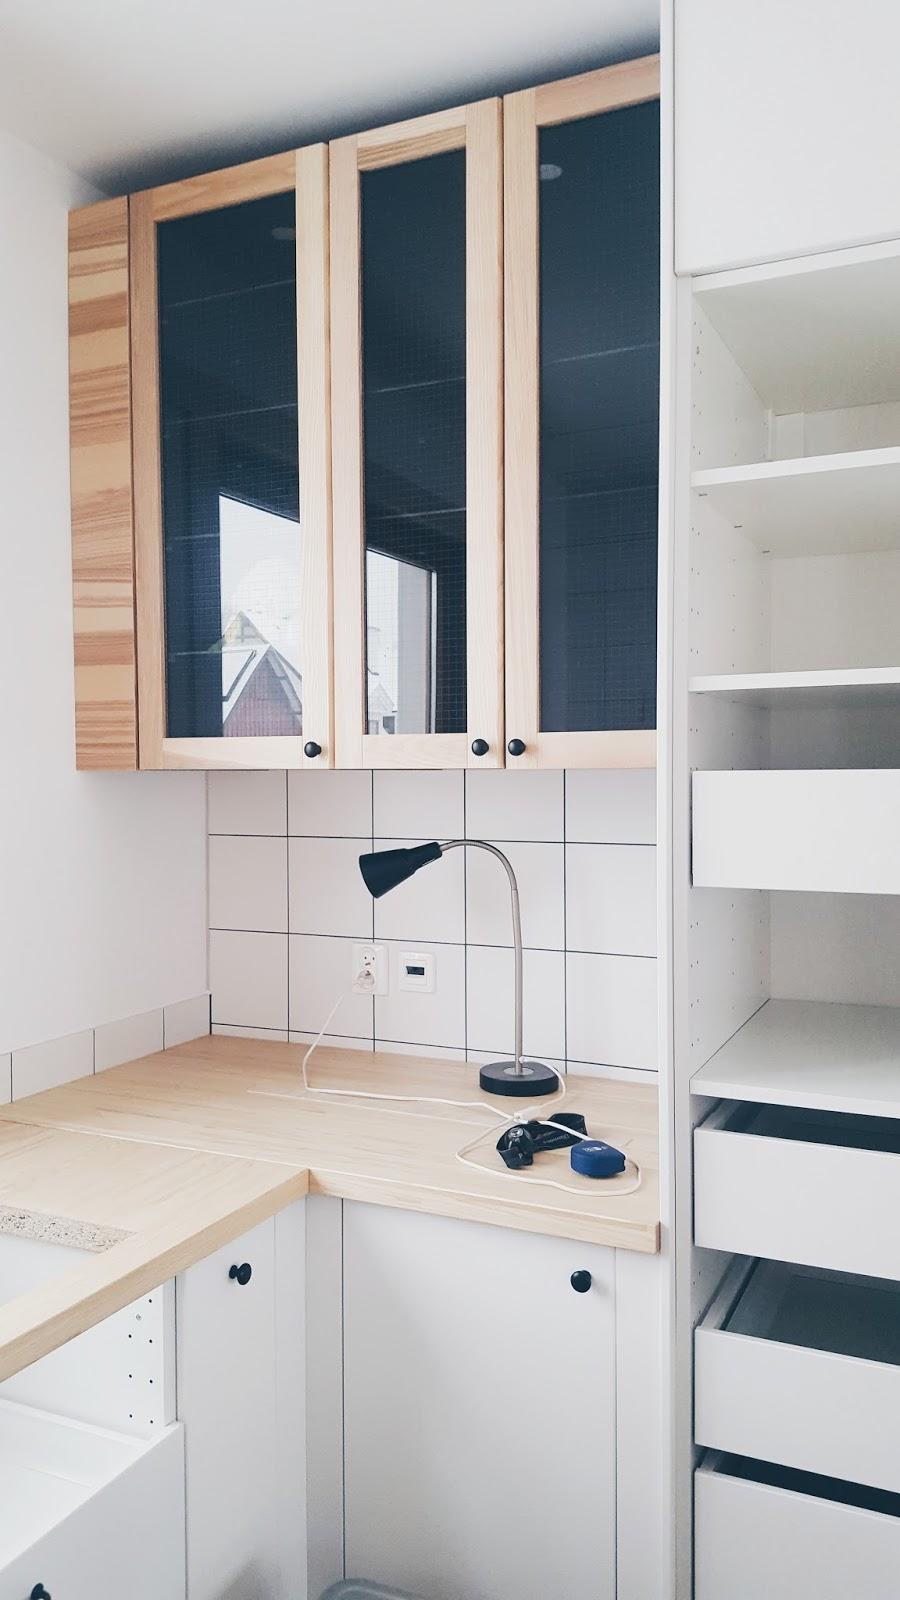 Jak Samodzielnie Skręciliśmy Kuchnie Ikea 1 Apetyczne Wnętrze